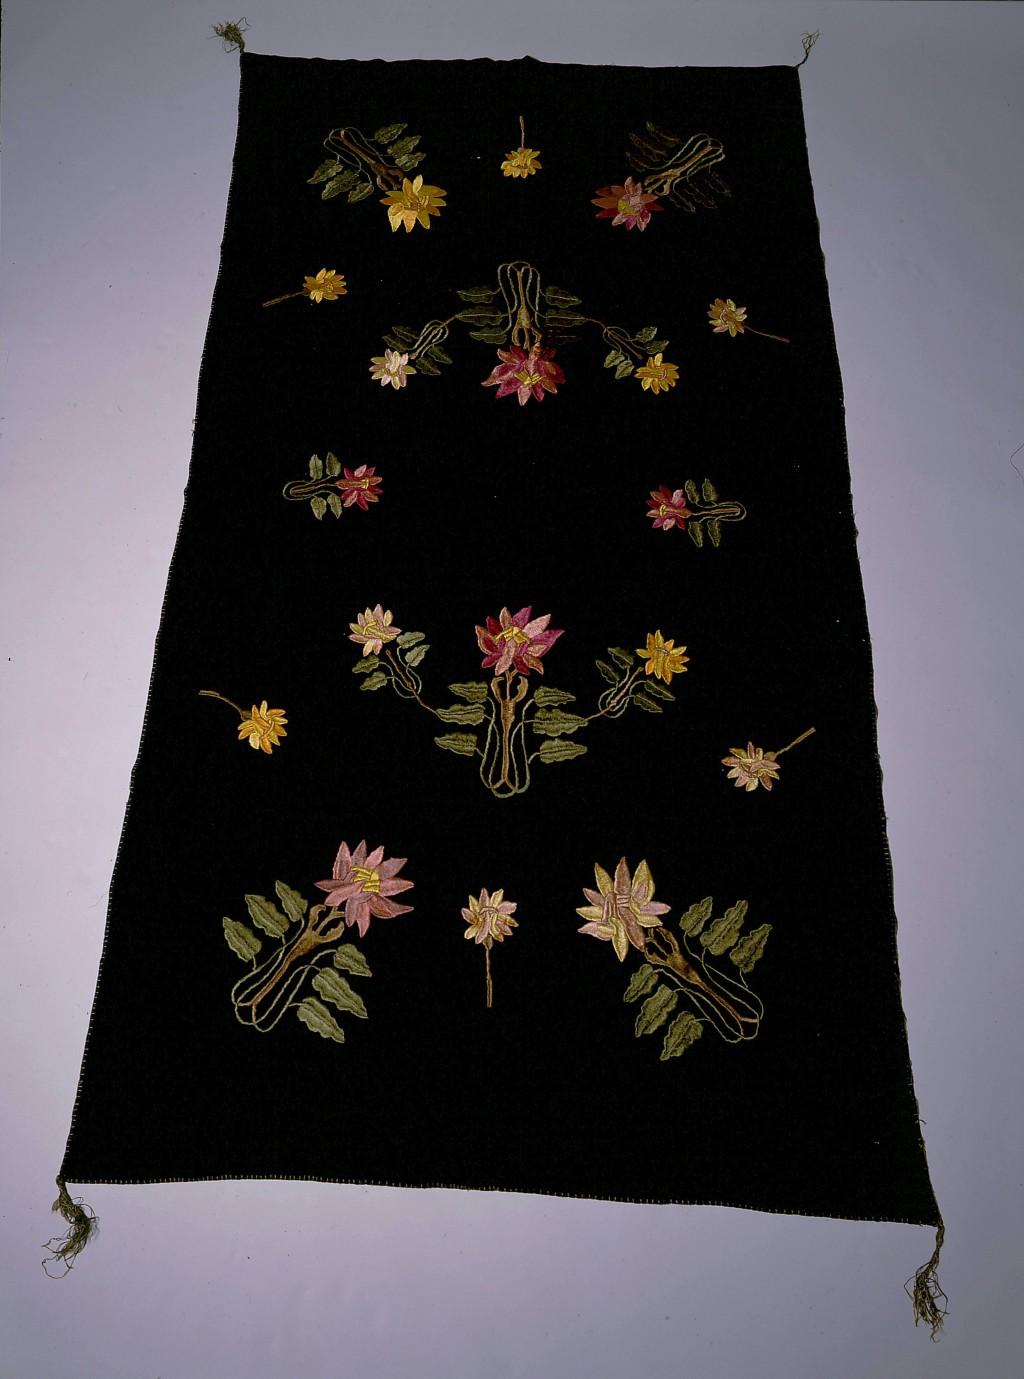 Wool Bedcover [LCID: 20053xek]